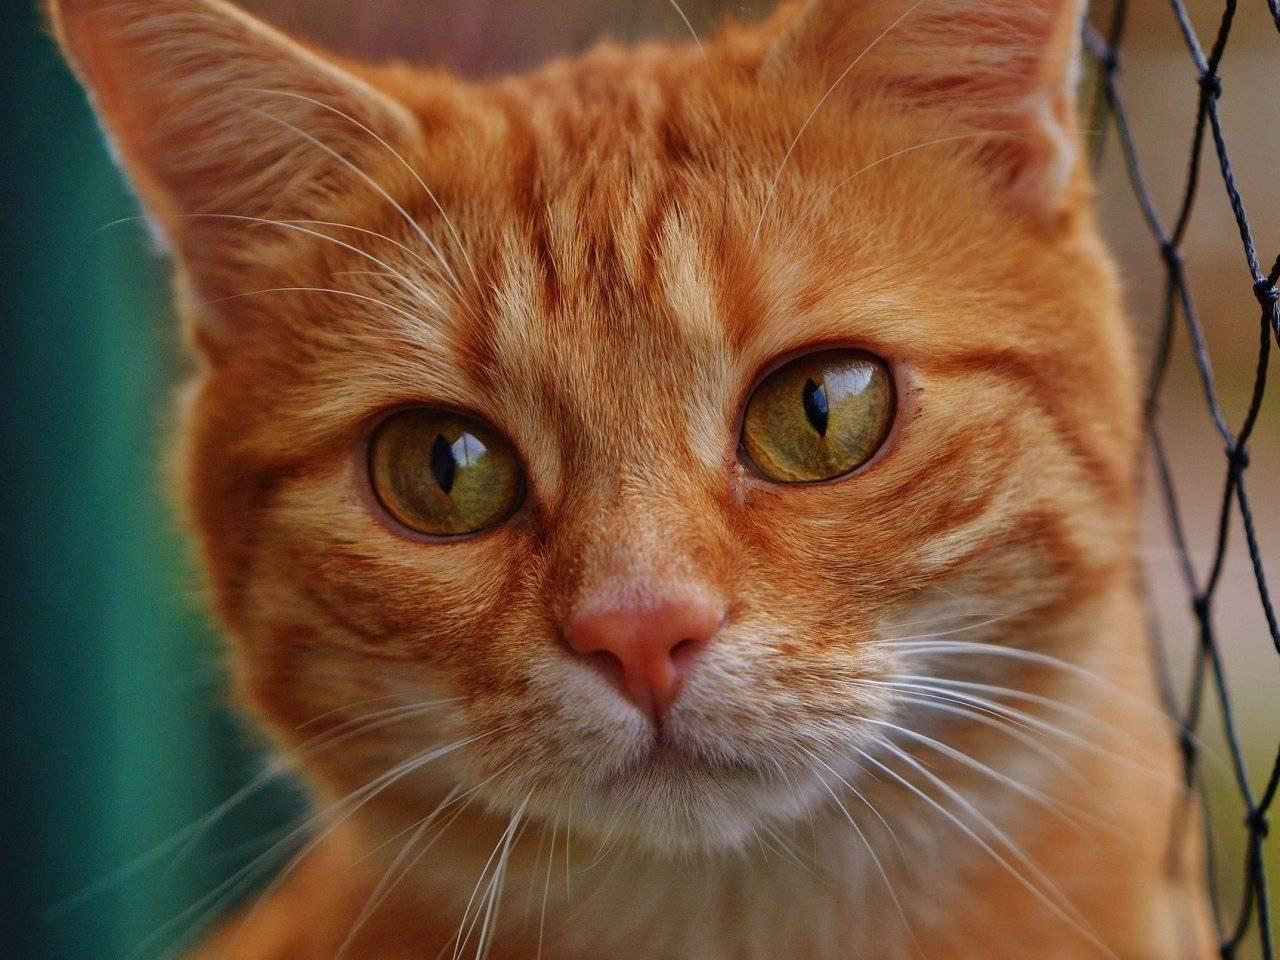 Рыжие коты в доме – что они несут, к чему прибиваются: приметы, поверья и суеверия